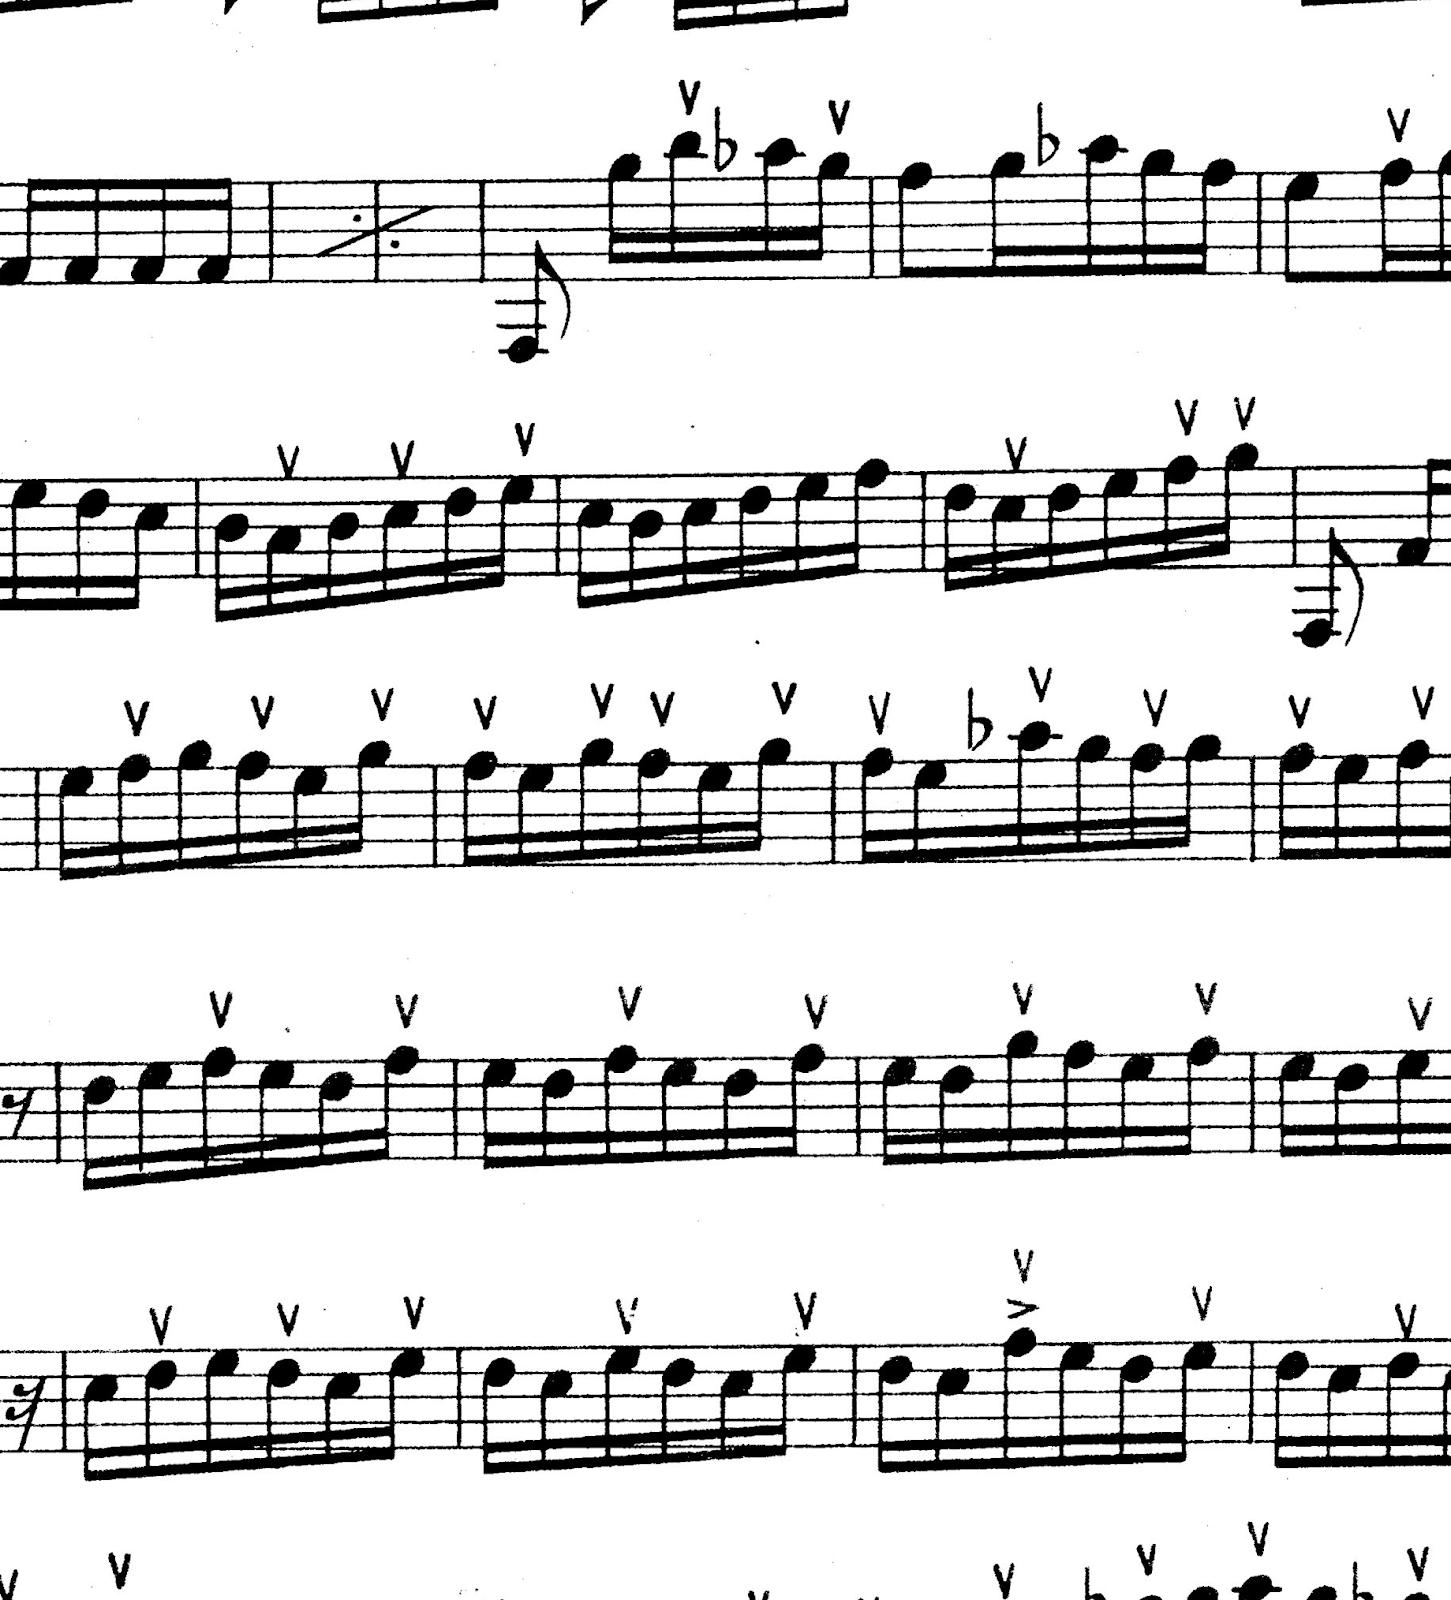 نت و آهنگ چهارمضراب رضوی دستگاه شور مایهی سل سی قطعه برای سنتور فرامرز پایور